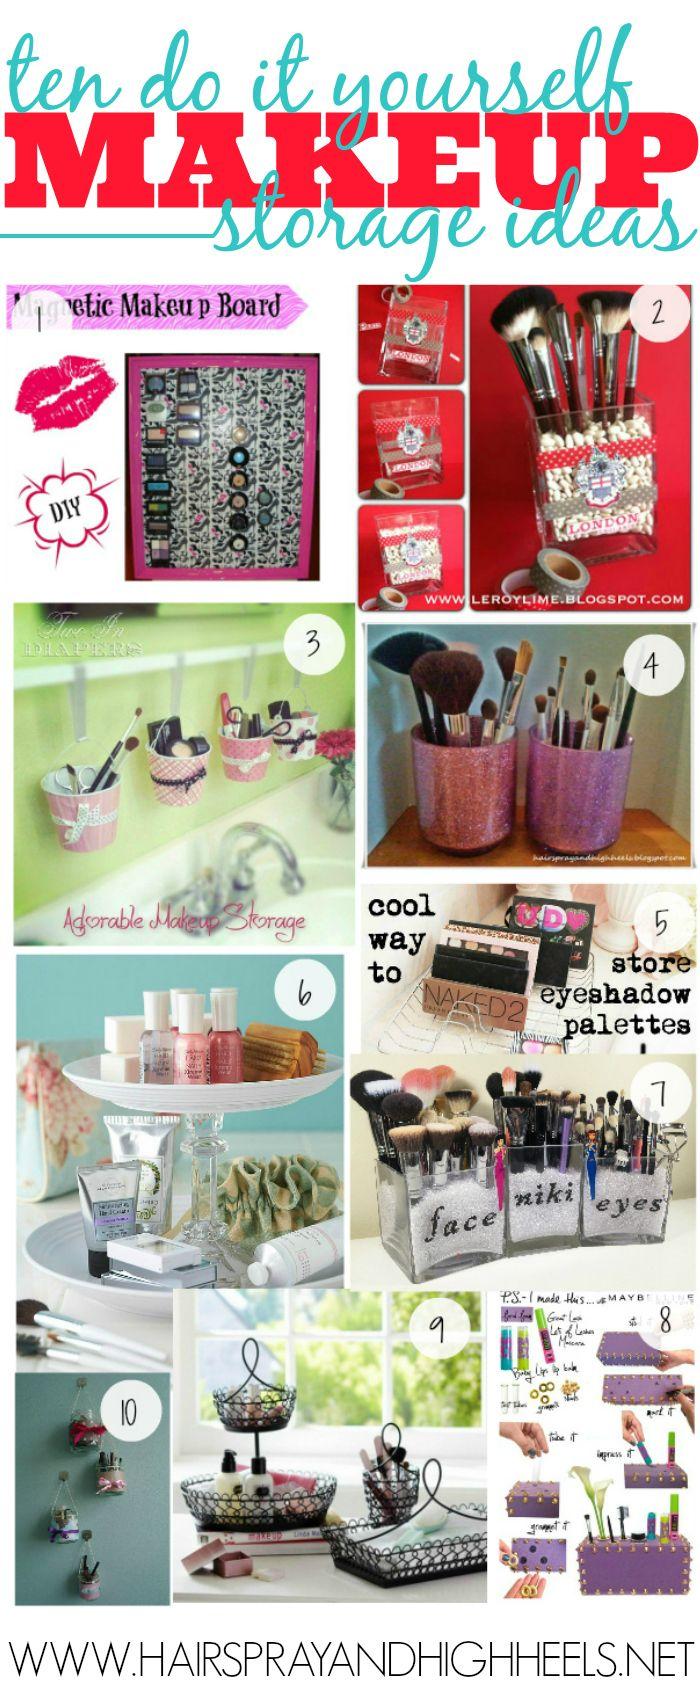 10 DIY Makeup Storage Ideas  via www.hairsprayandhighheels.com